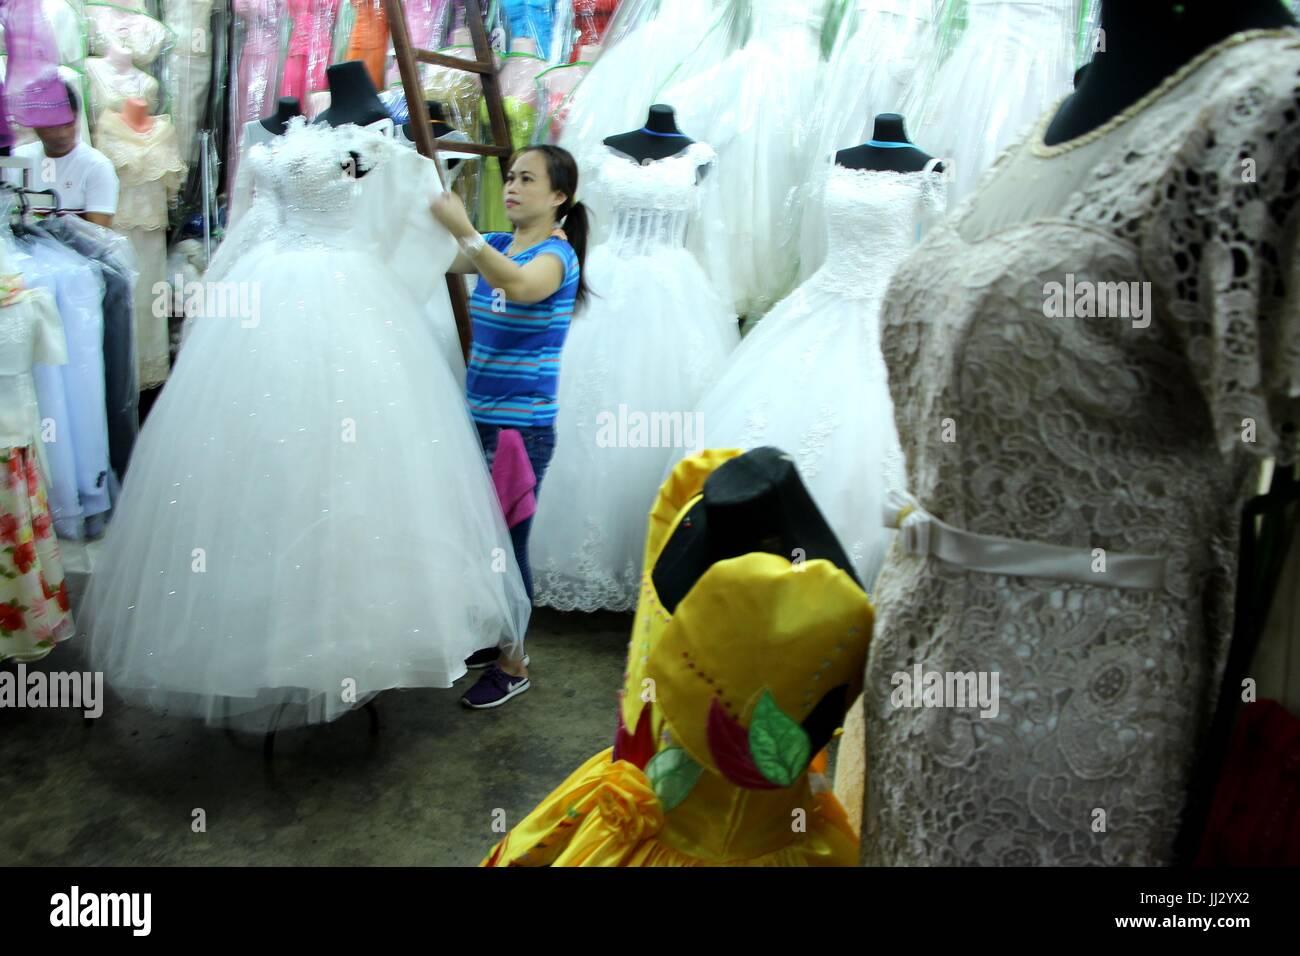 Divisoria In Manila Philippines Imágenes De Stock & Divisoria In ...